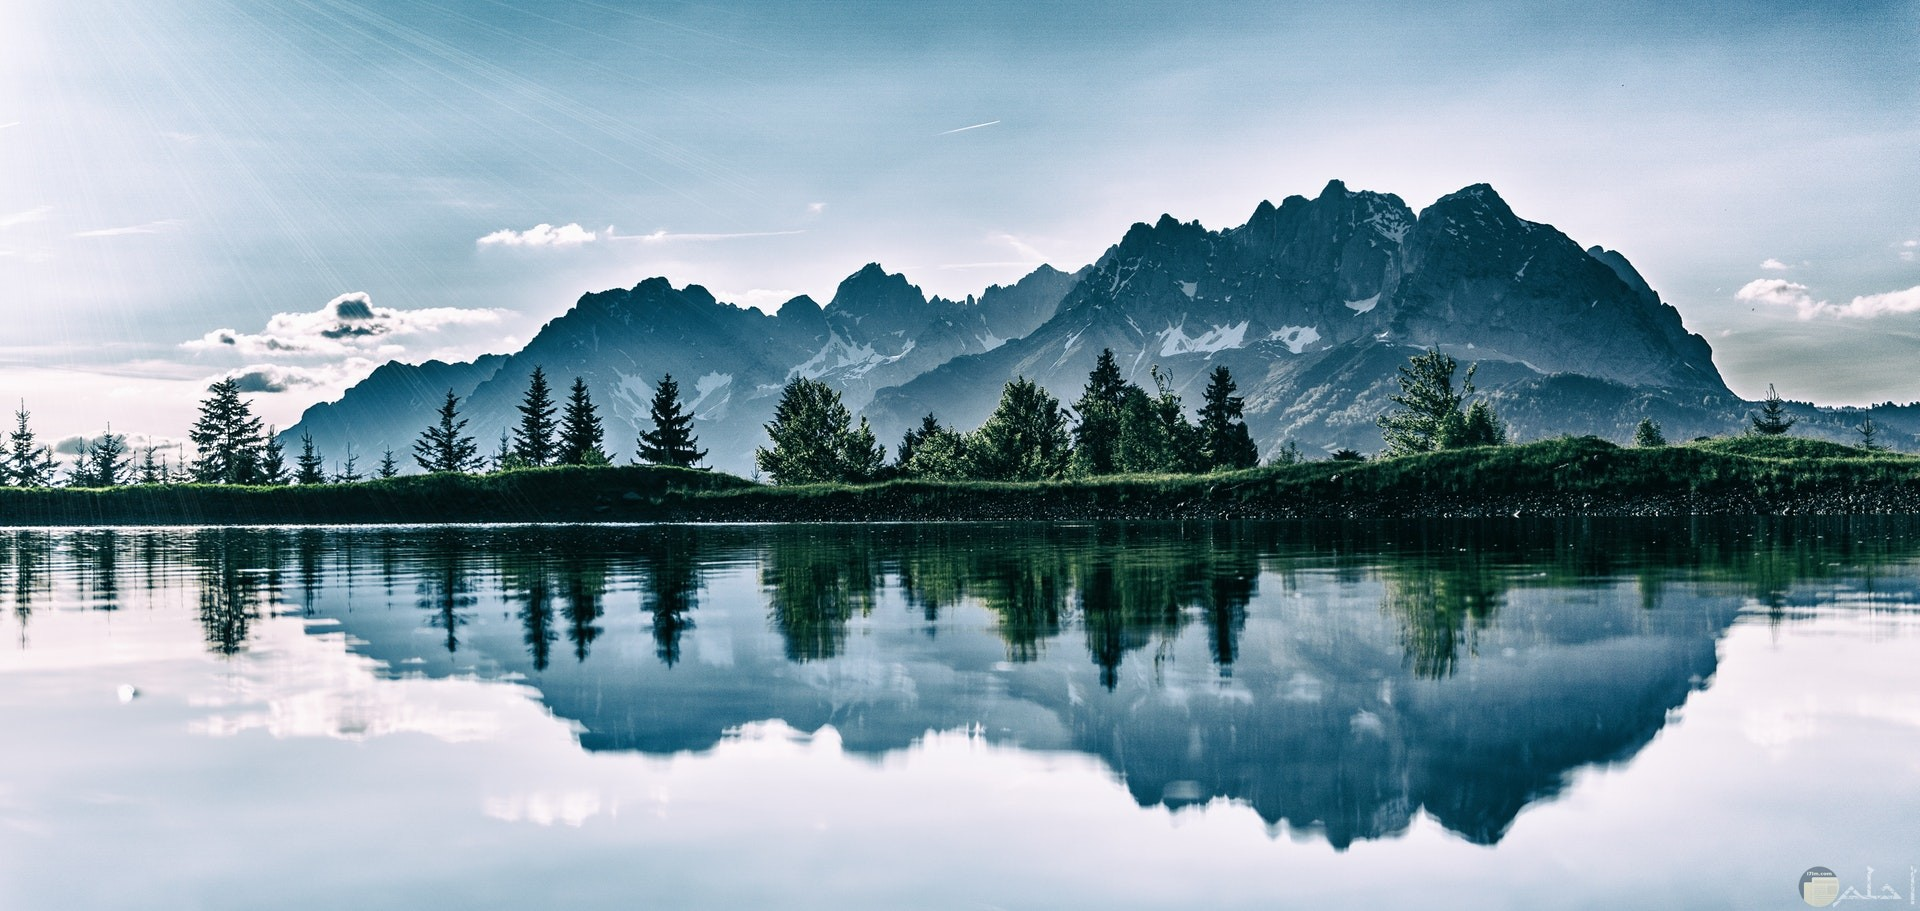 صورة مميزة للطبيعة تظهر الجبال والأشجار وإنعكاسهم في المياة بشكل جميل